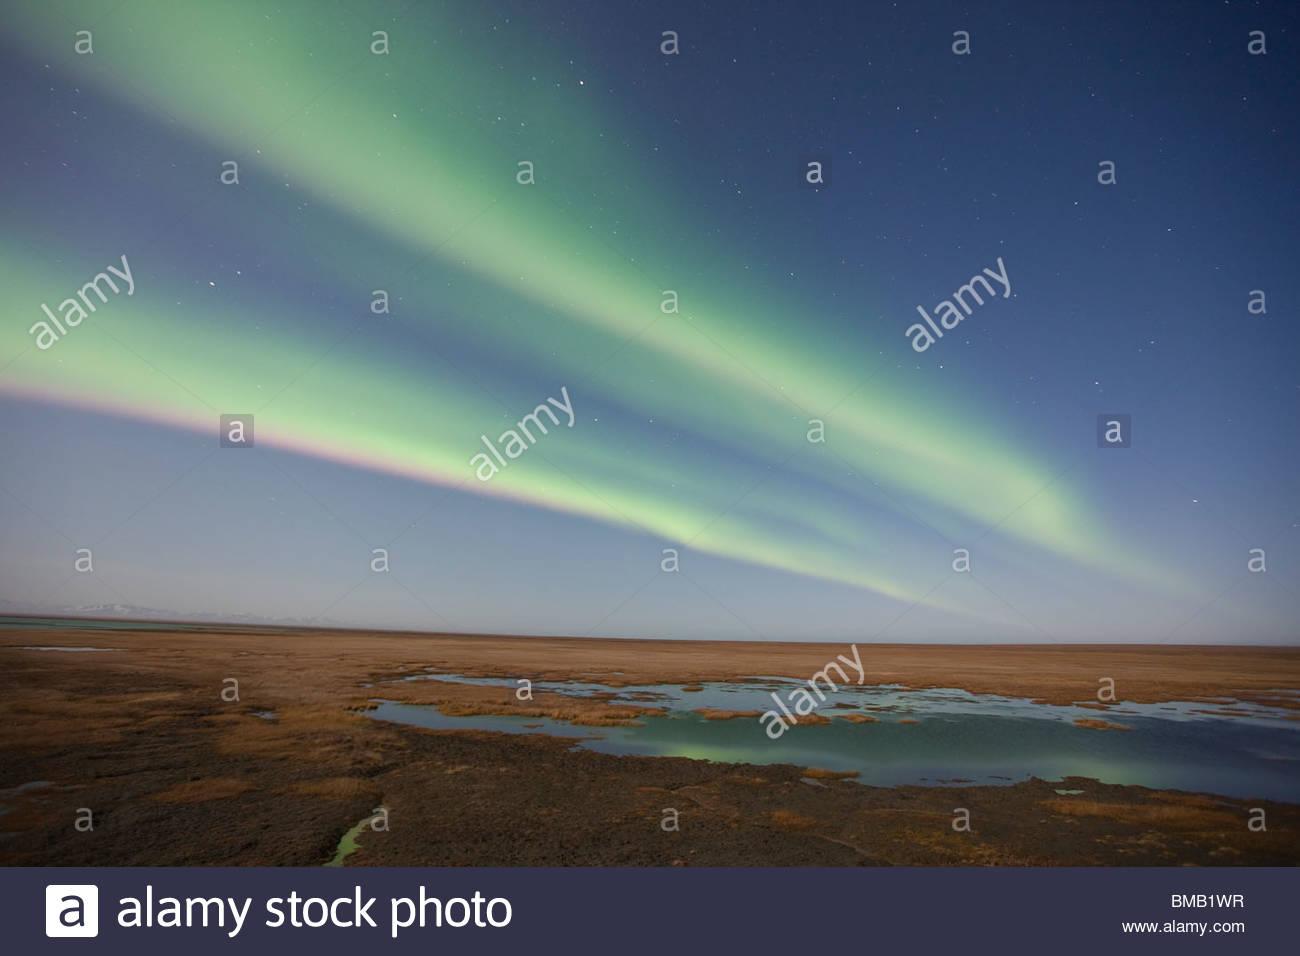 Cortinas de color de las luces del norte (aurora borealis) bailando en el cielo nocturno a través de la tundra Imagen De Stock